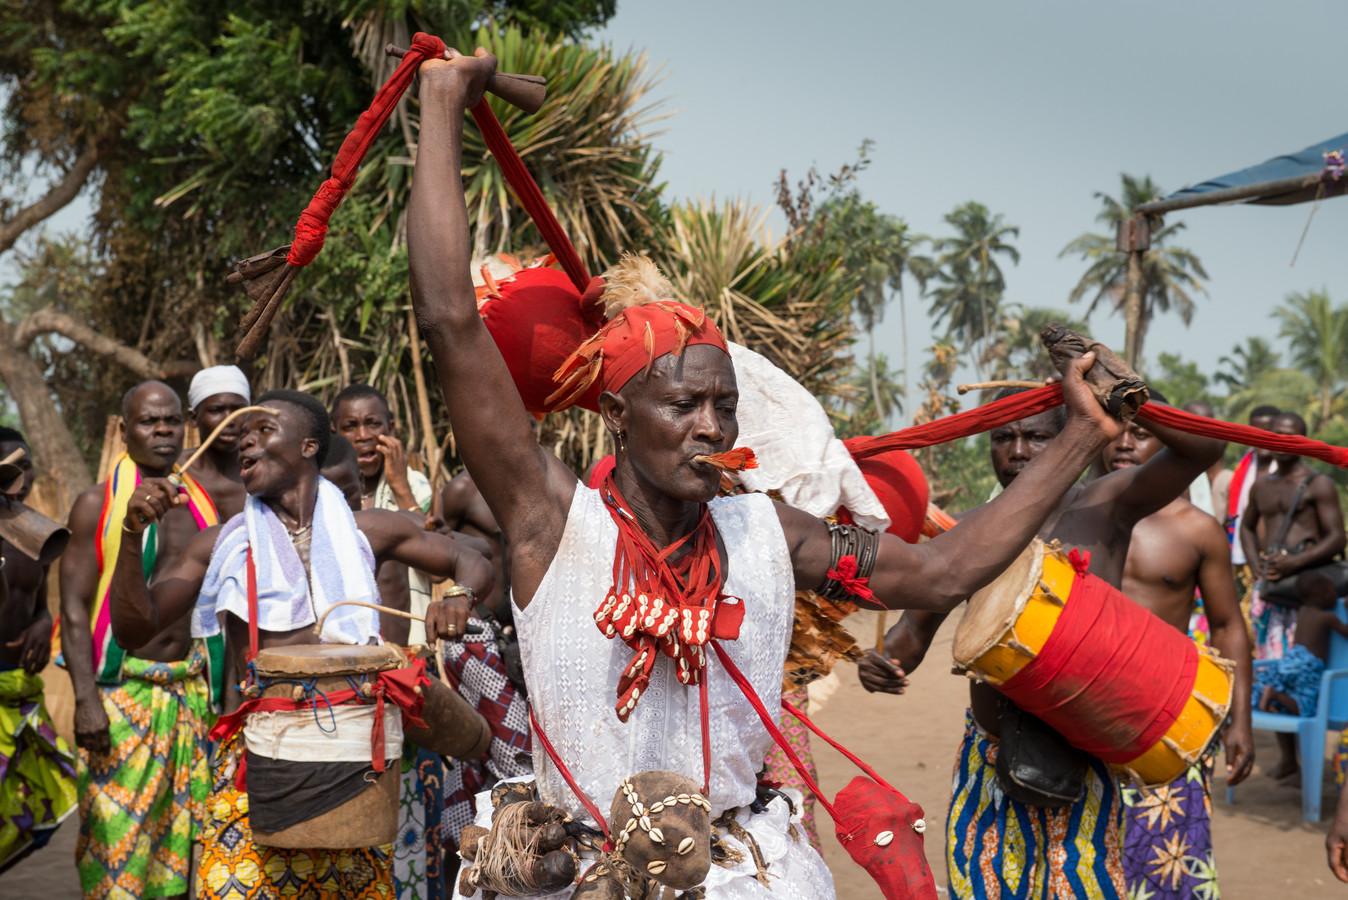 De 98-jarige voodoopriester Chabassi. Om zijn middel draagt hij schedels van mensen die misdaden hebben gepleegd.